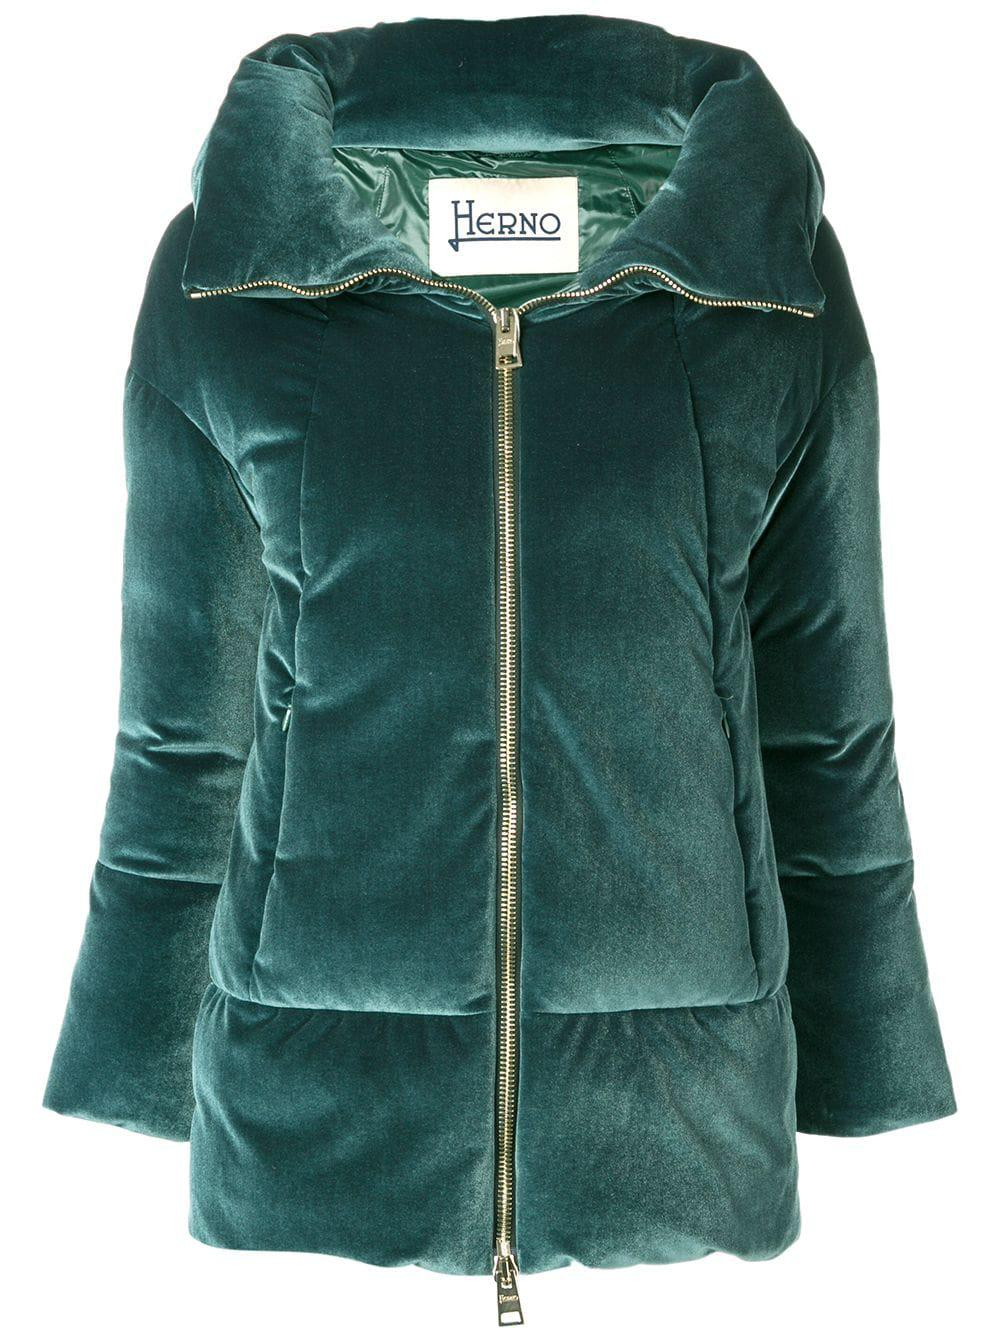 Herno Velvet Puffer Jacket In Green